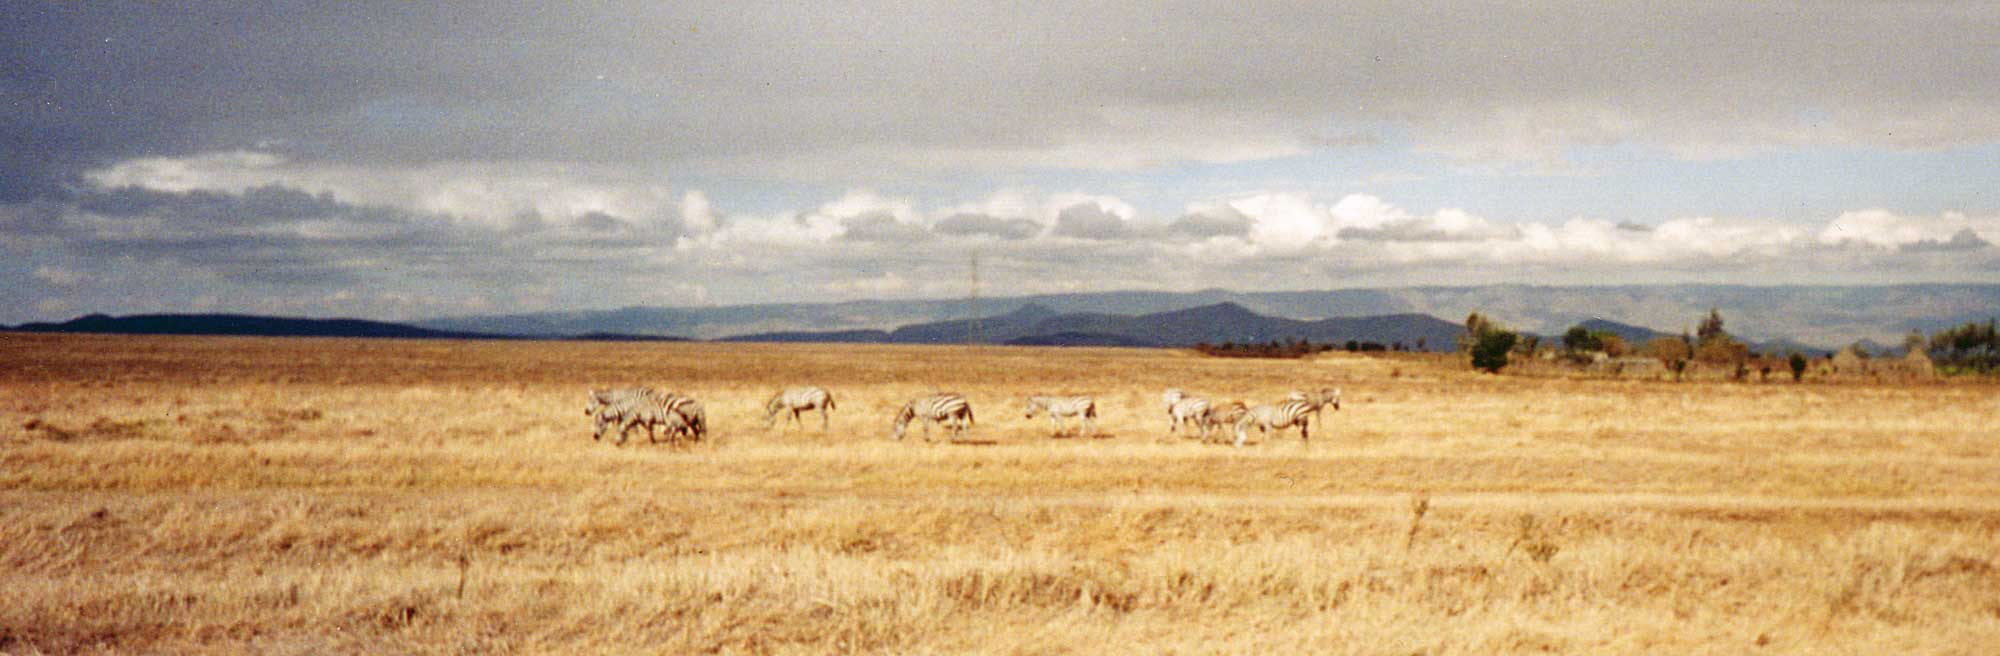 kenya rift valley zebra